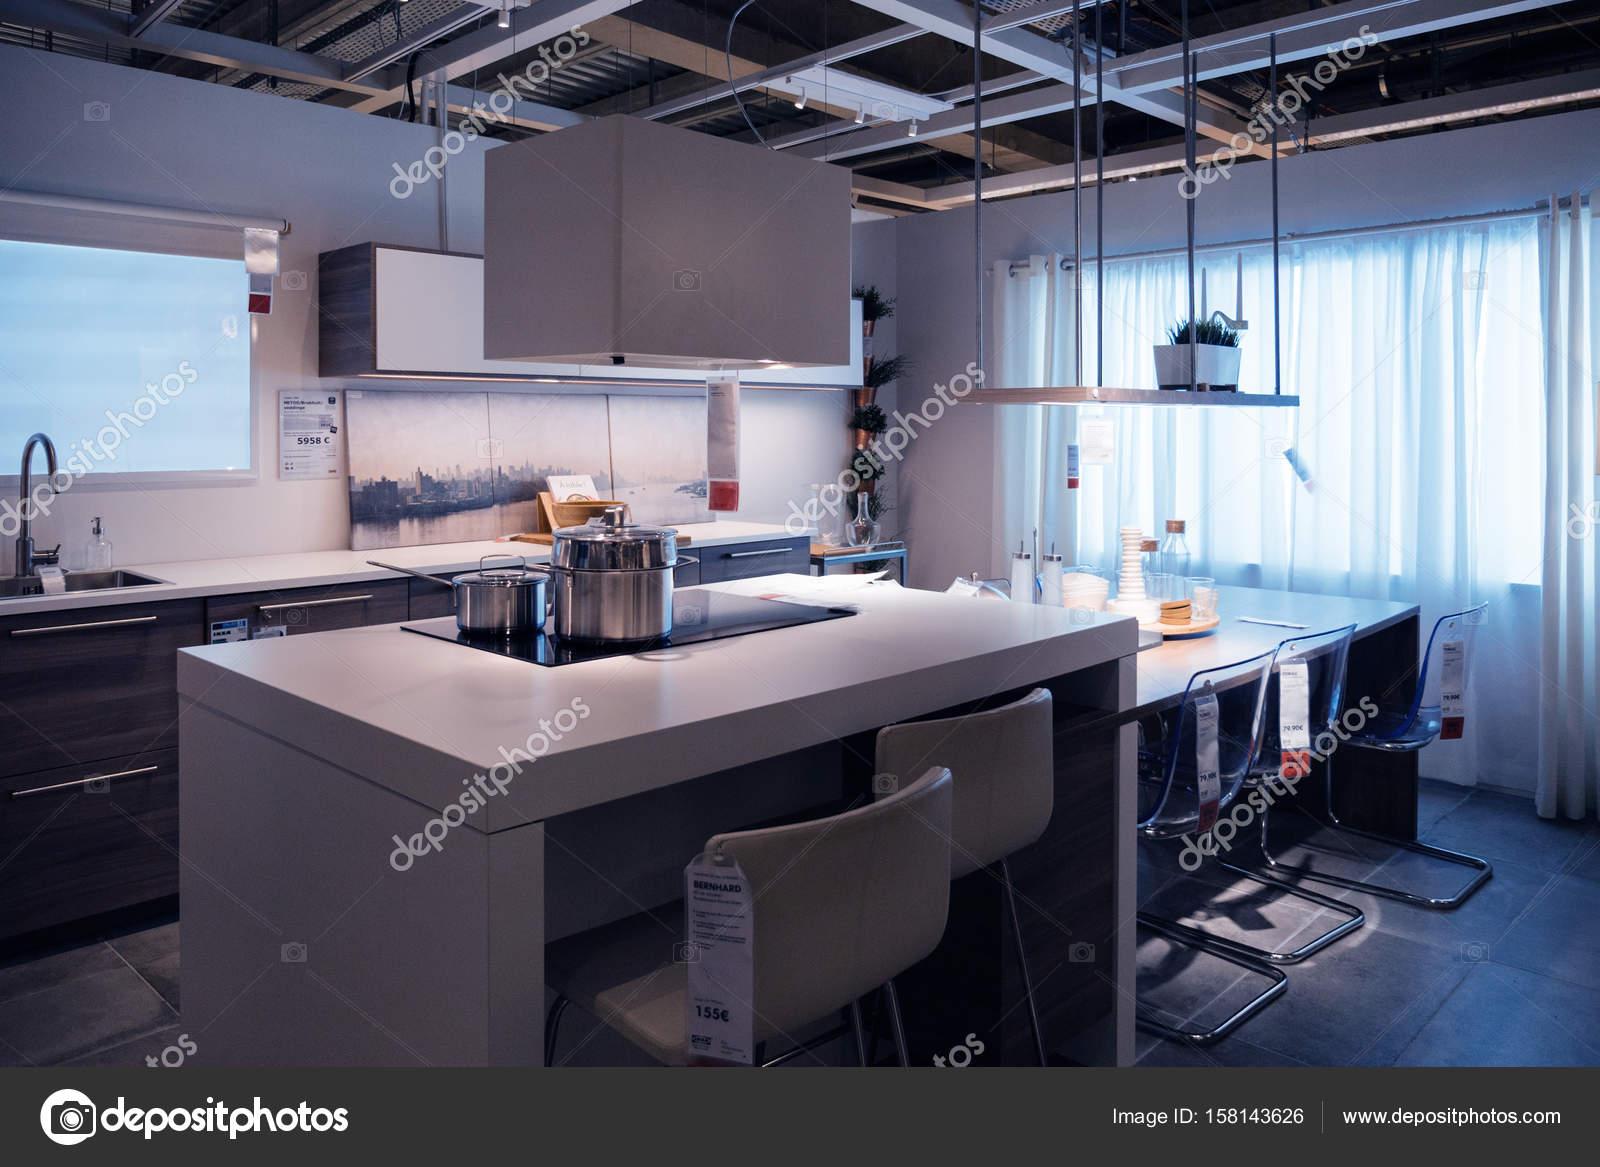 Keuken Ikea Moderne : Ikea keuken winkel model thuis winkelen u redactionele stockfoto